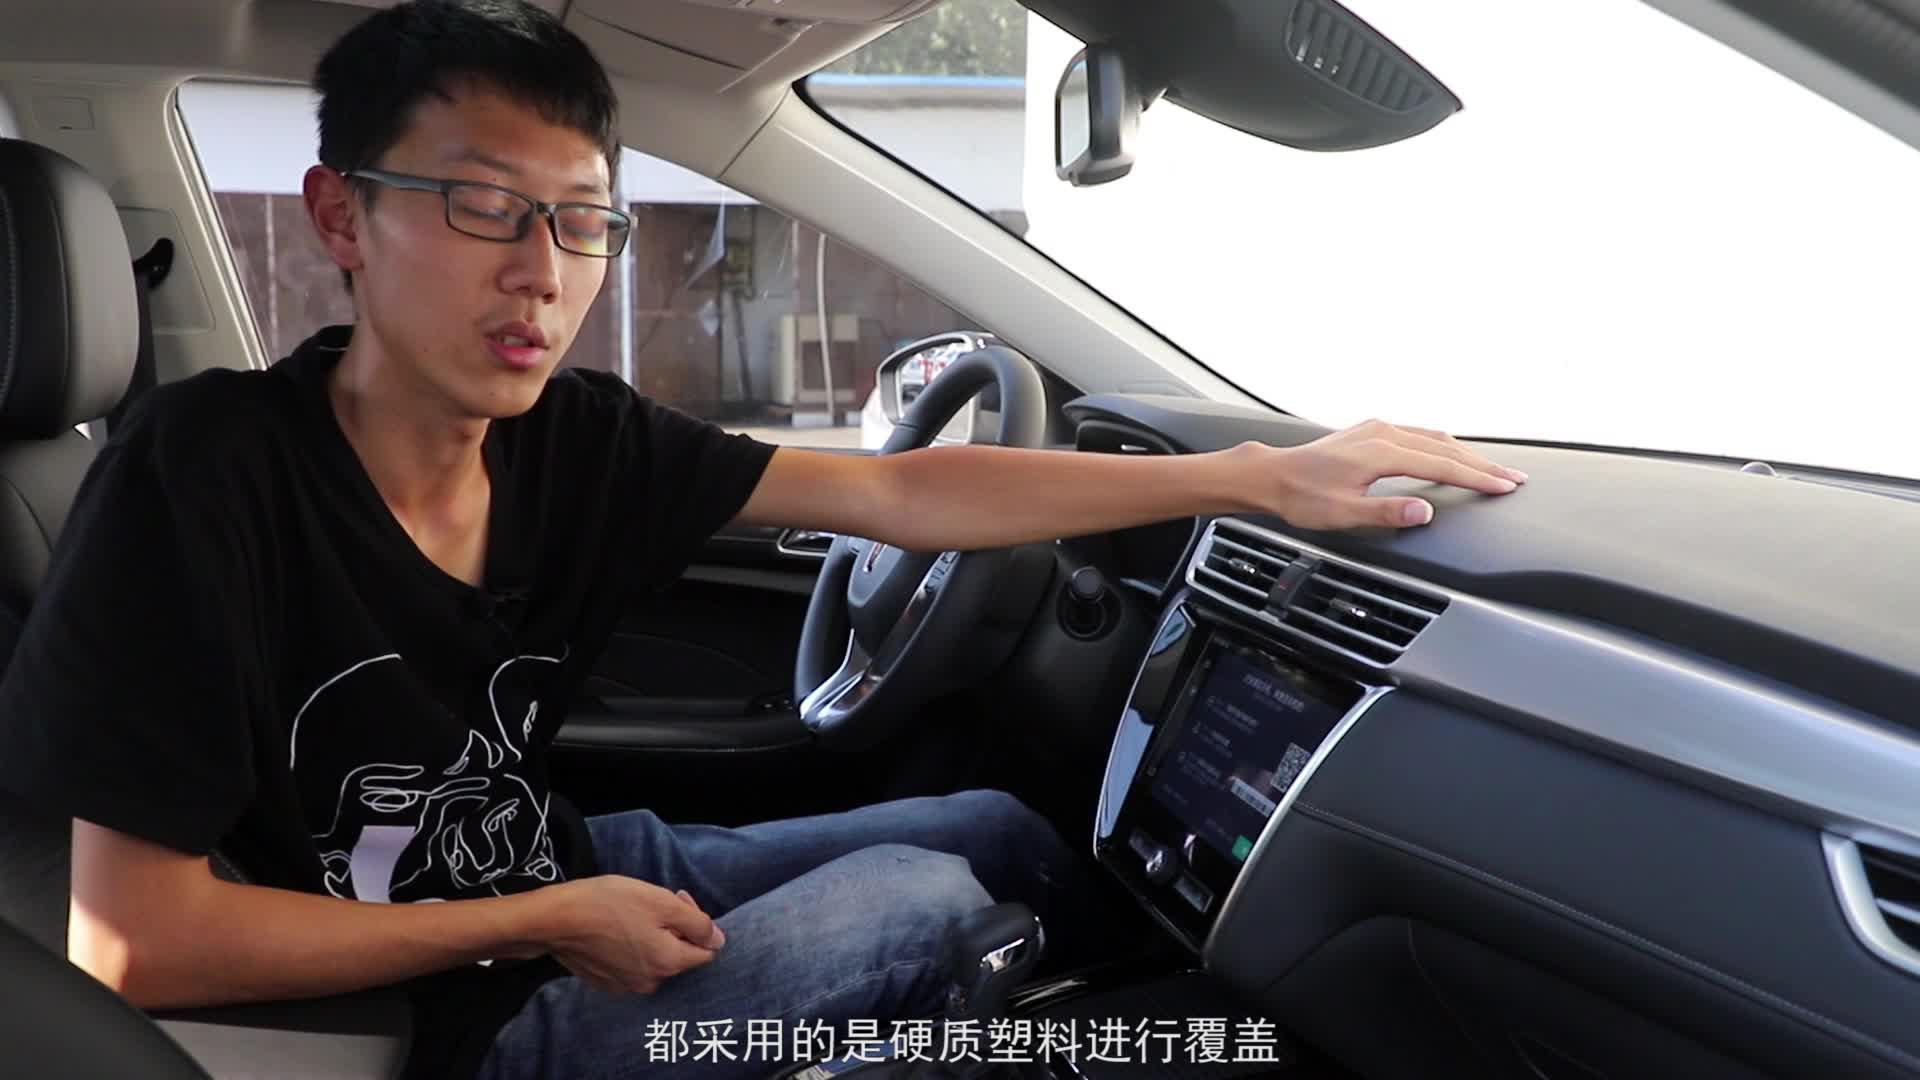 逛车市:到店视频解说荣威i5 年轻与品质可以兼得